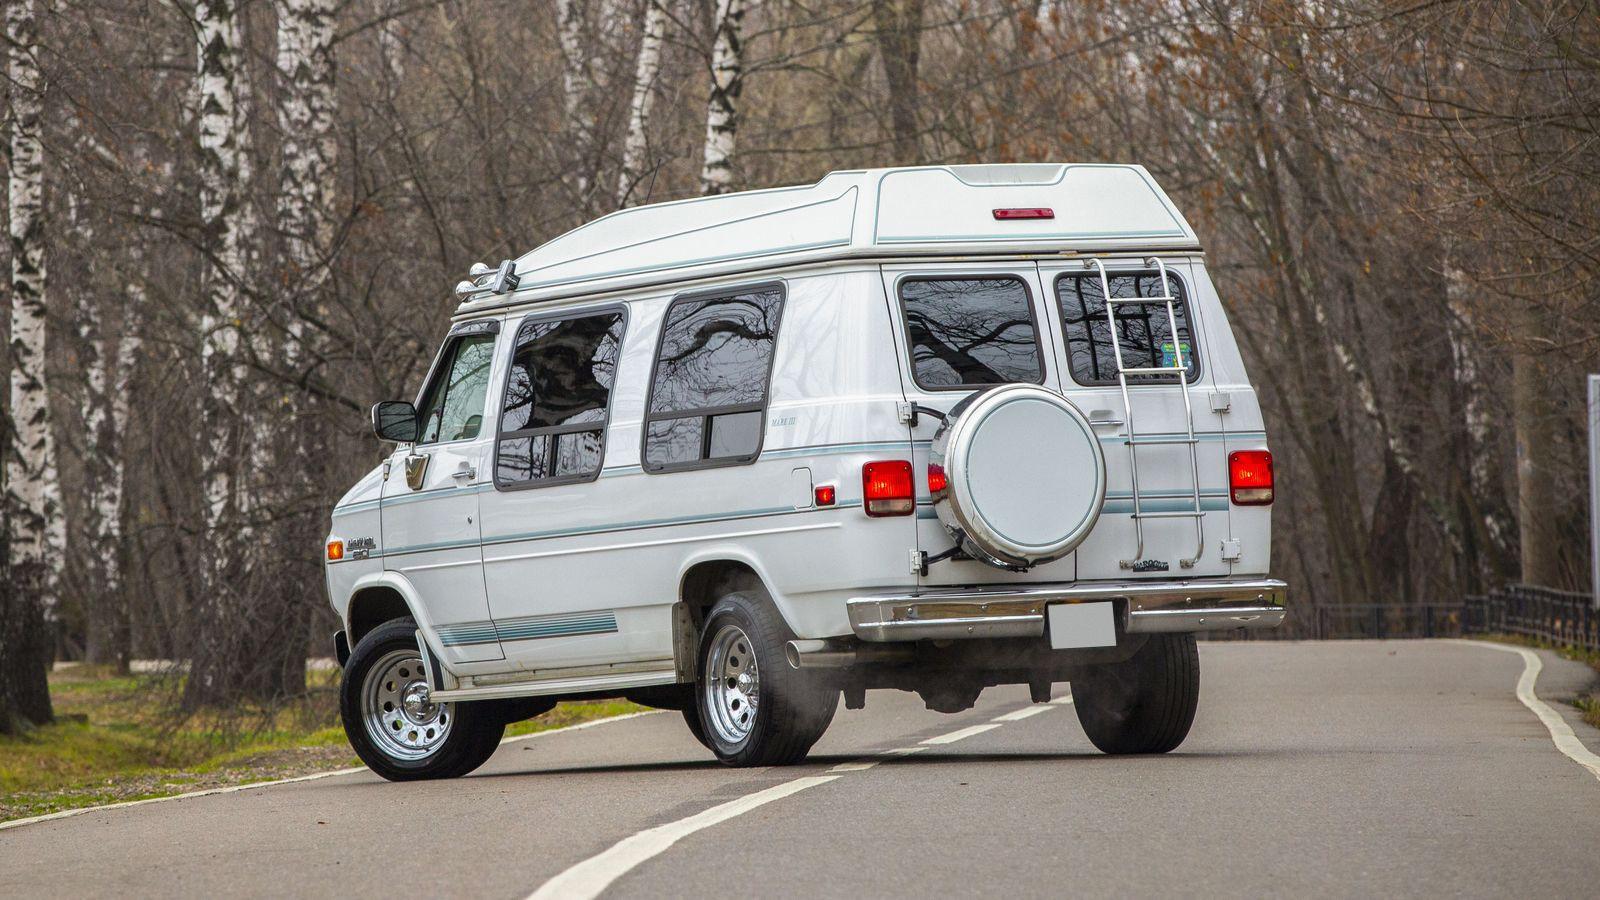 Дороже заправить, чем отремонтировать: опыт владения Chevrolet Chevy Van 1993 года